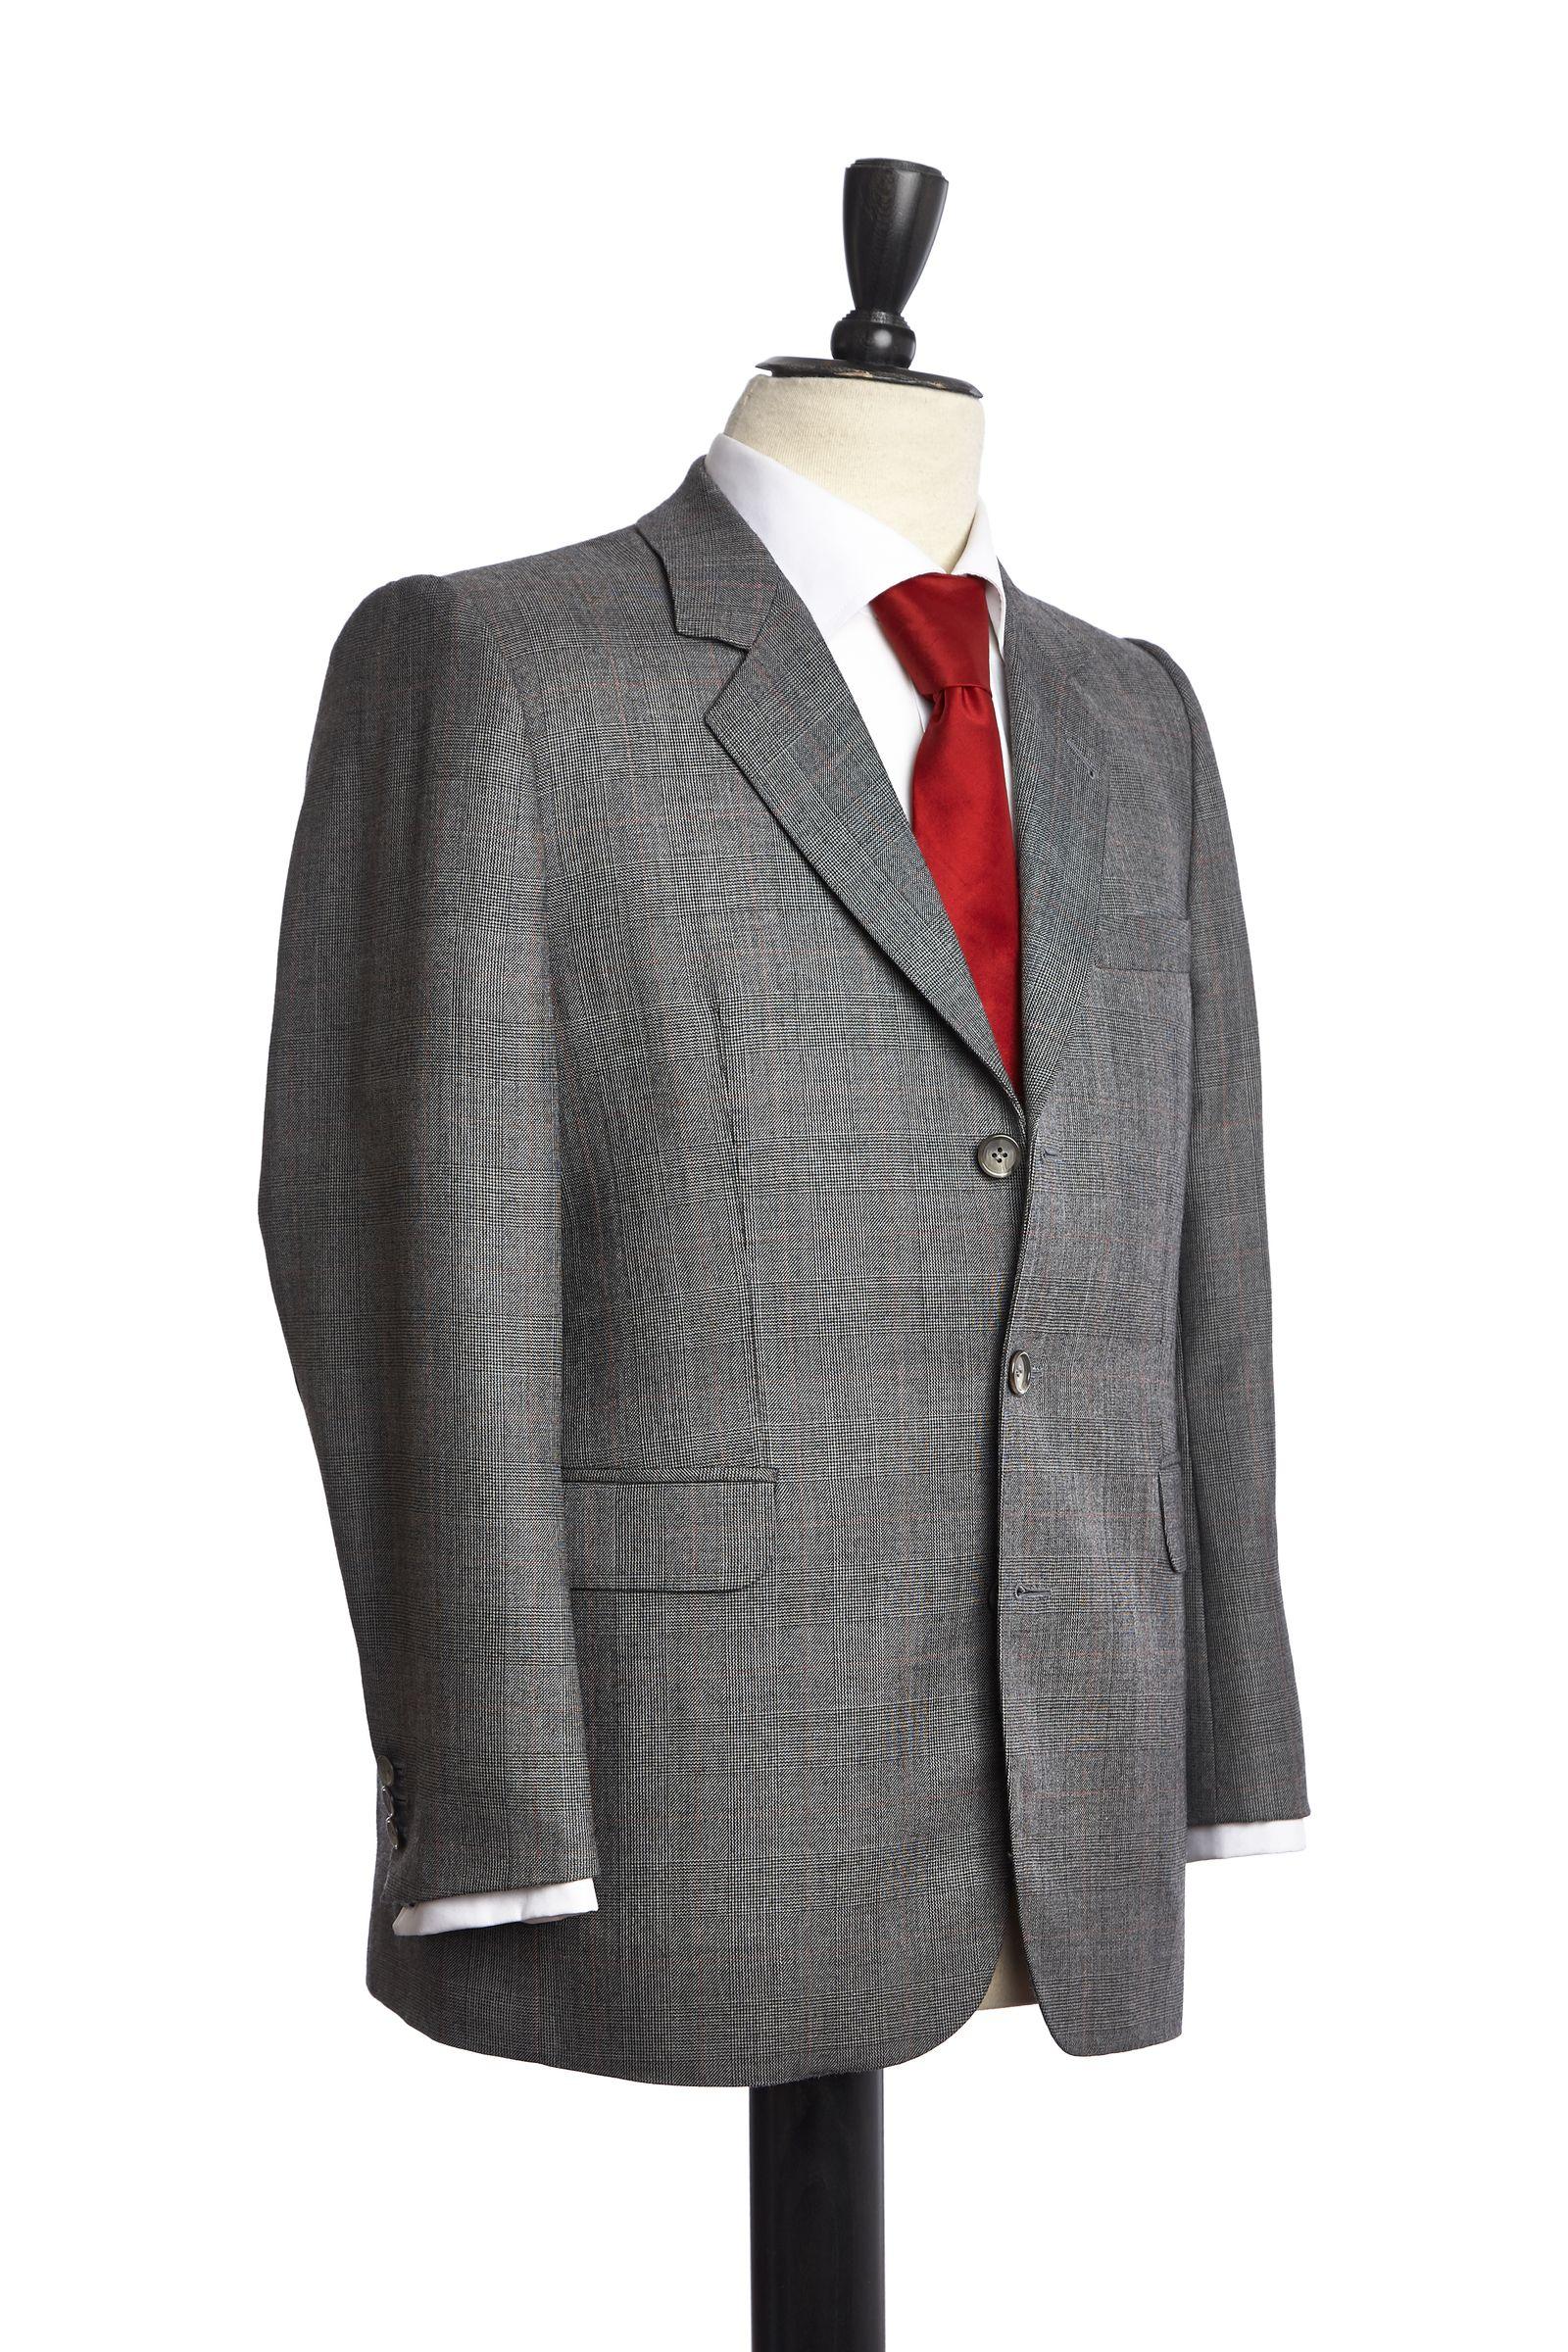 Herrenmaßschneider Anzug Krawatte / dühnforth & wulff